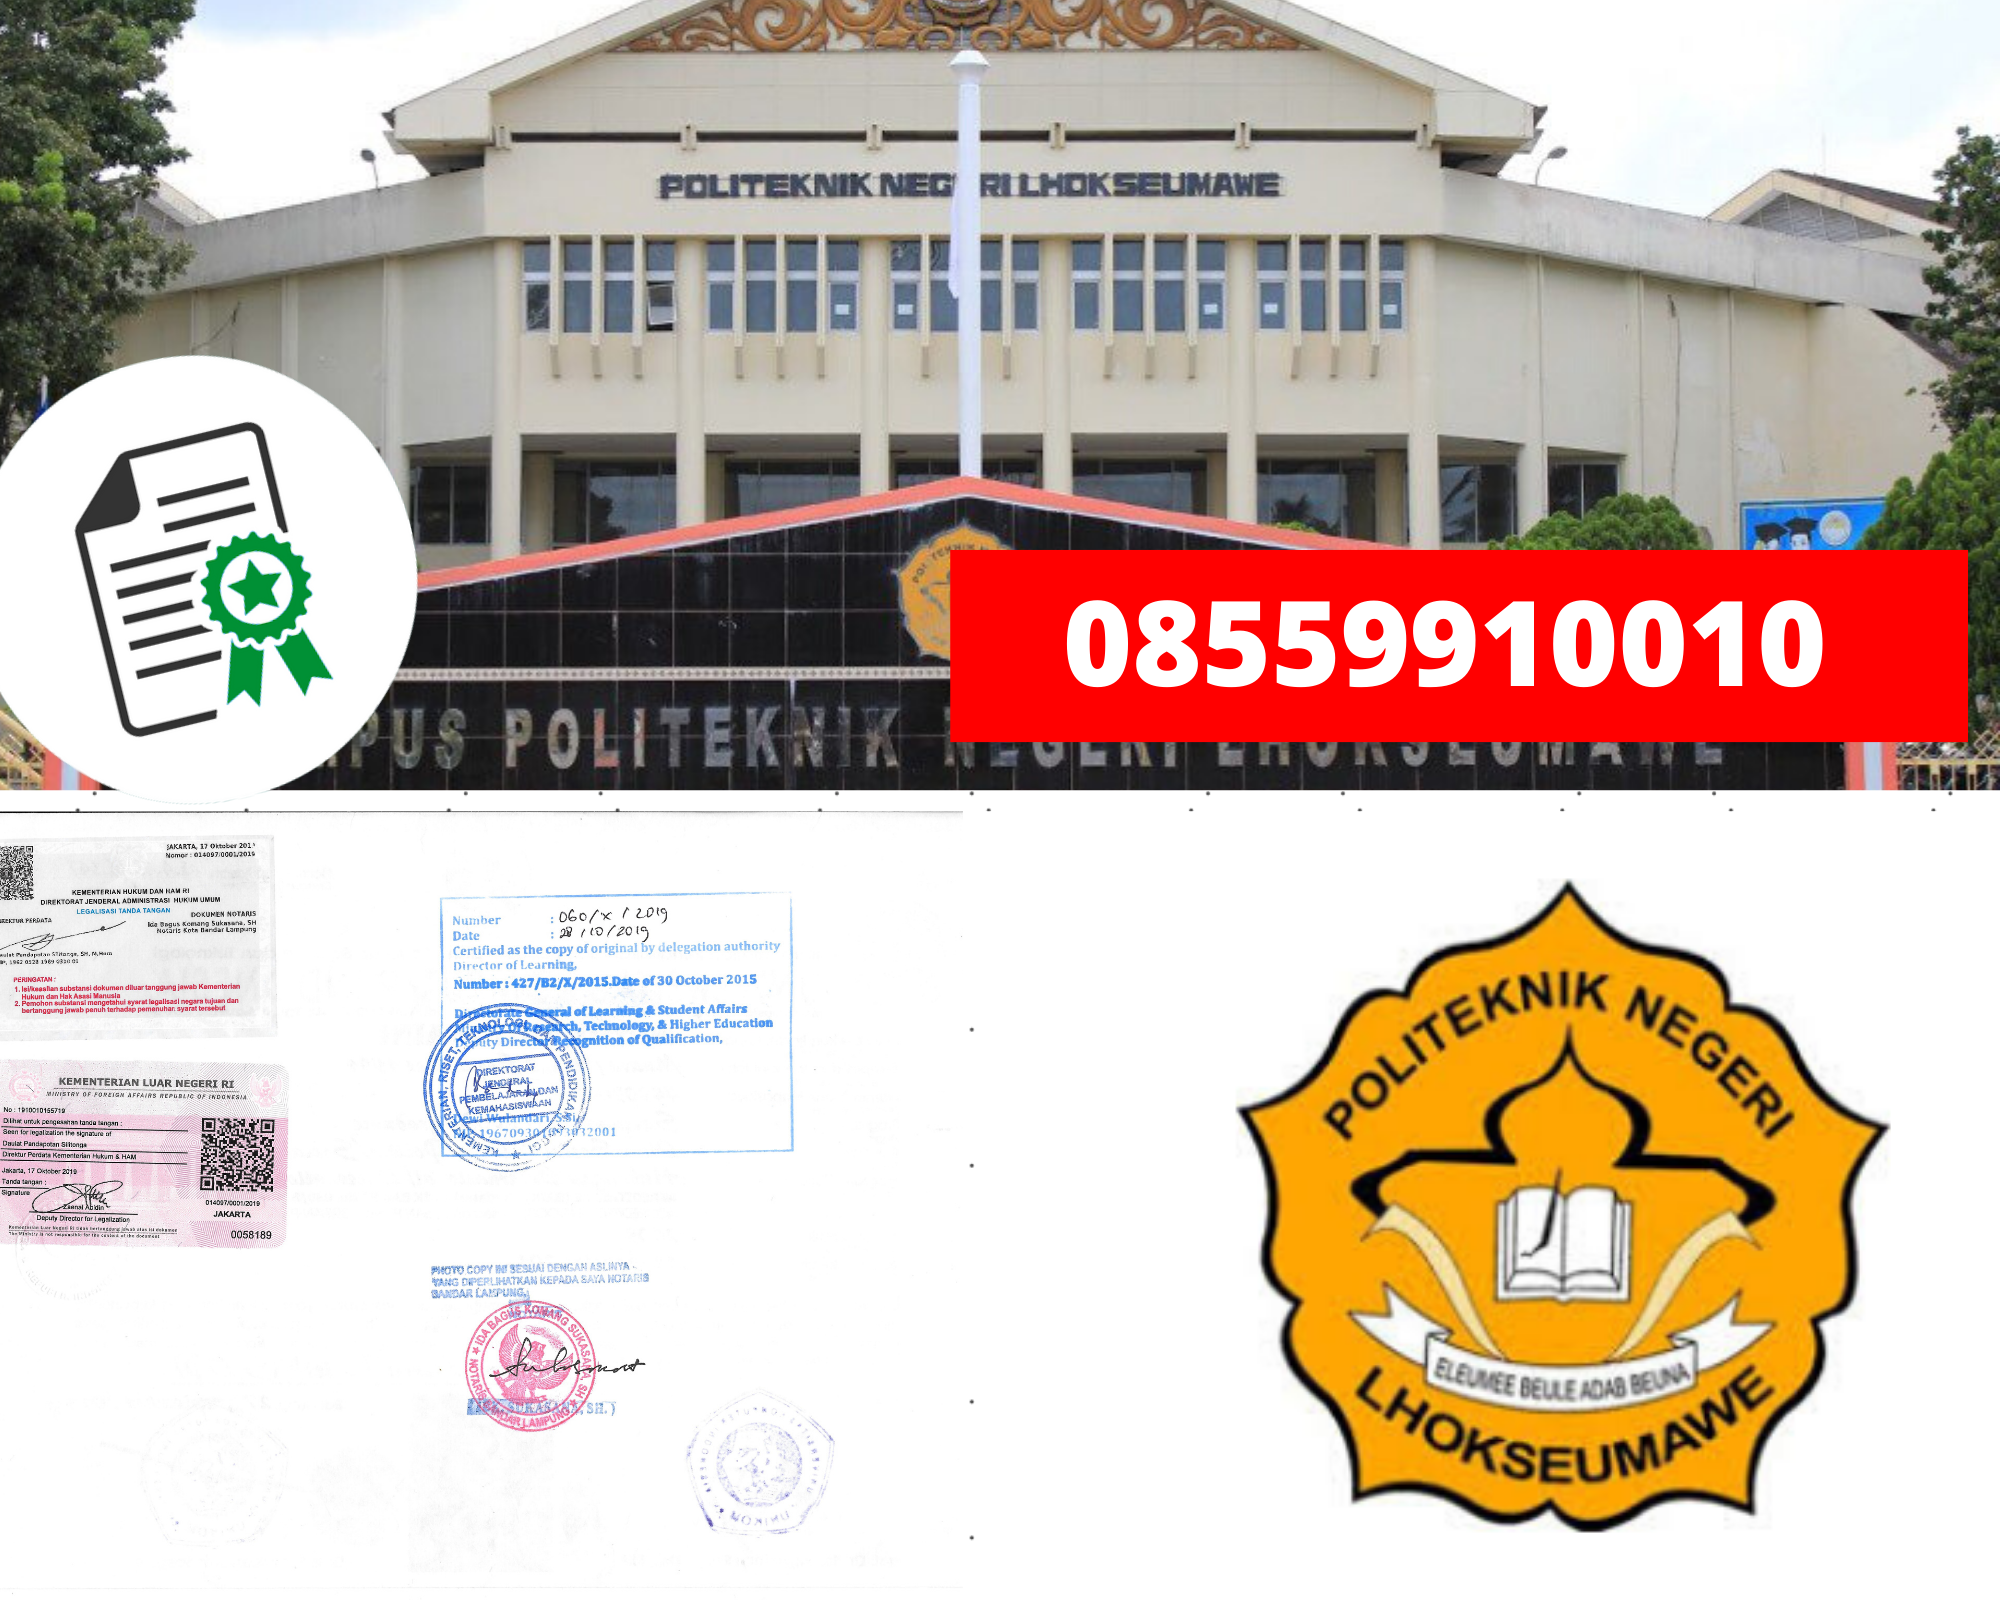 Jasa Legalisir Ijazah Politeknik Negeri Lhokseumawe Di Kemenristek Dikti ||  08559910010 - Jasa Legalisir.com